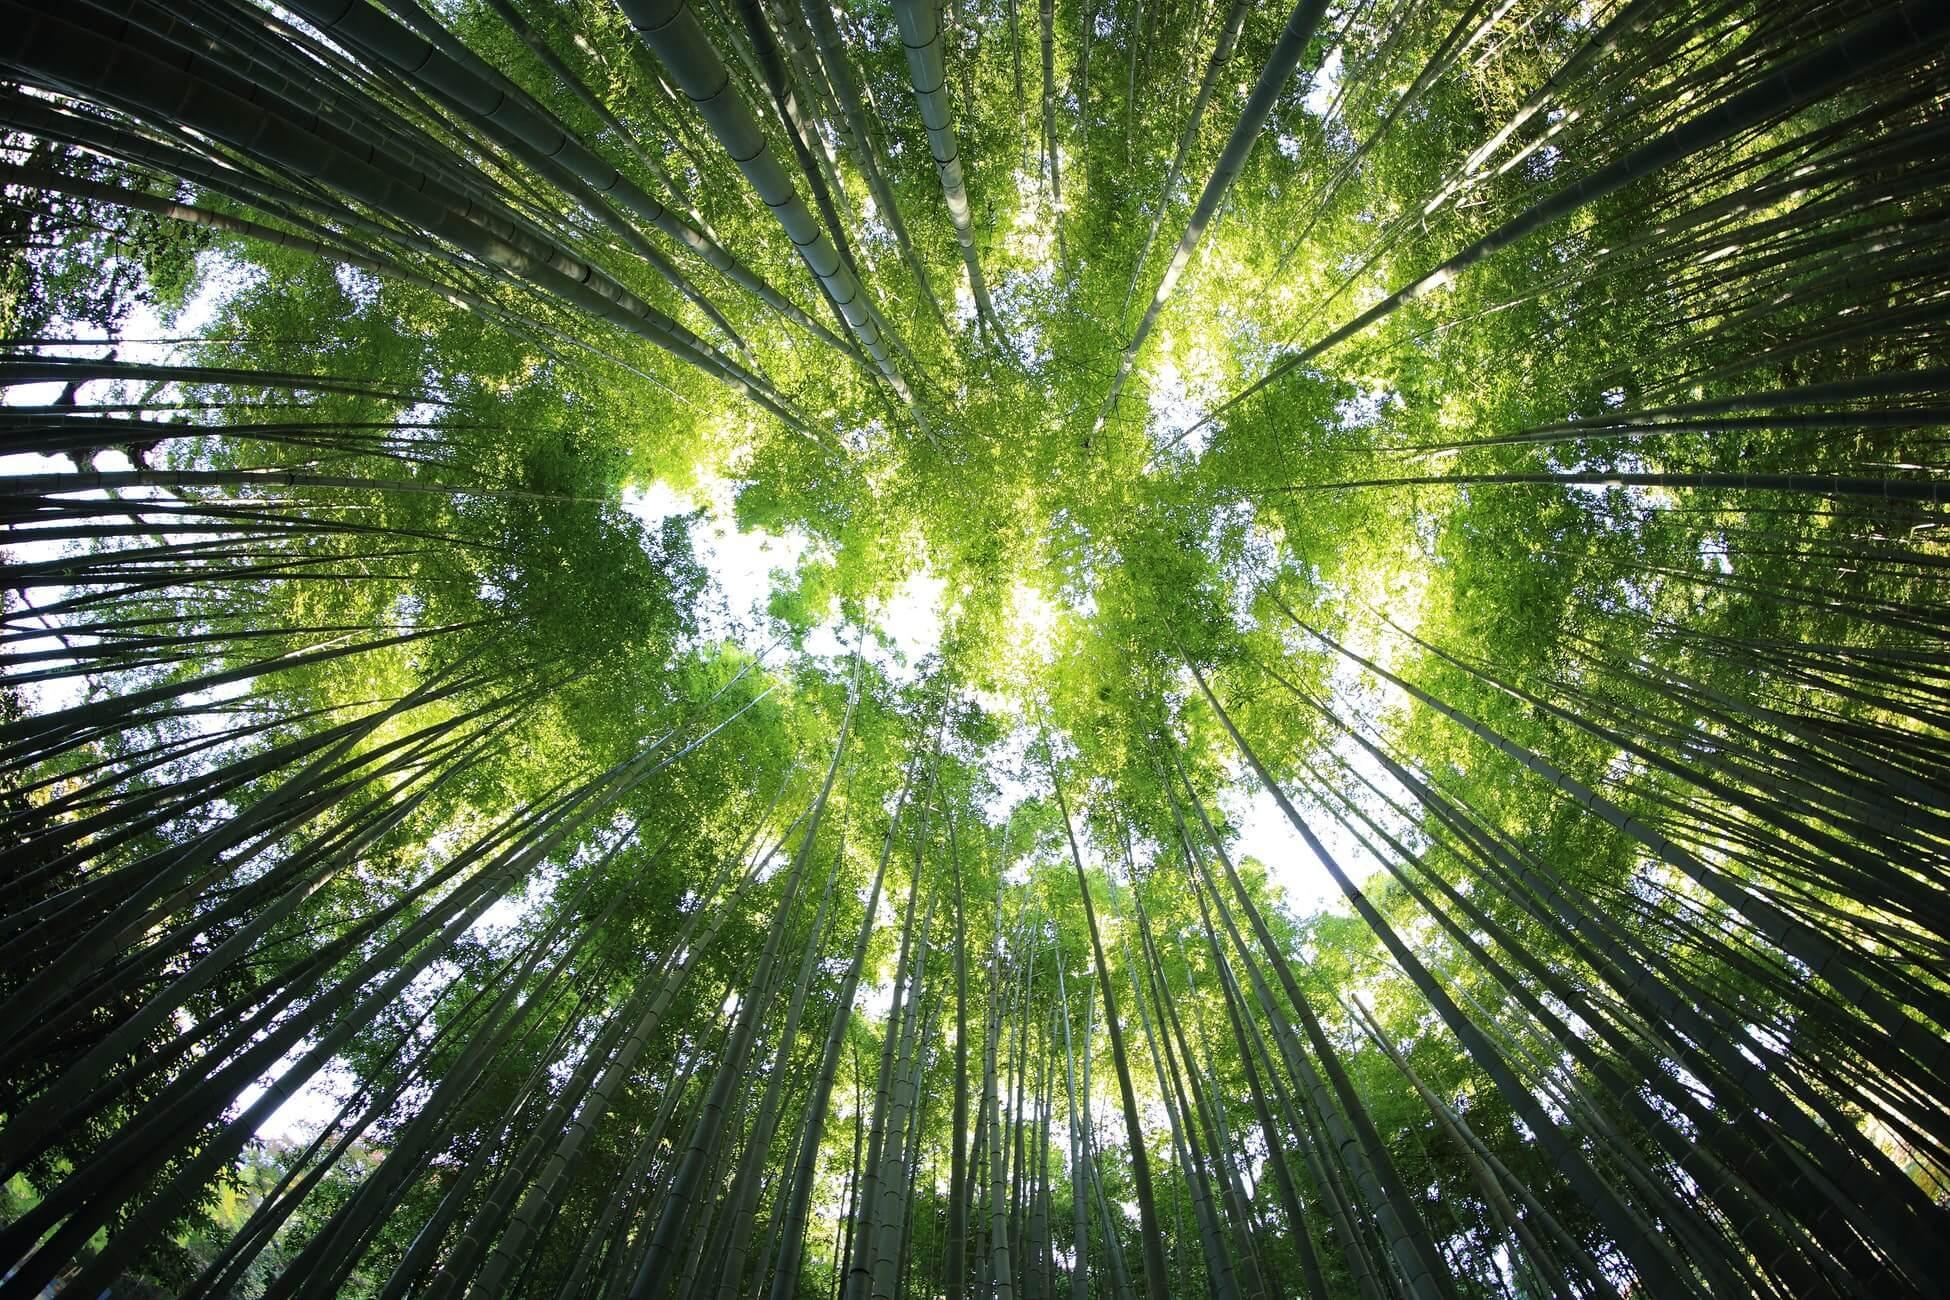 青々と茂った森の木々たち